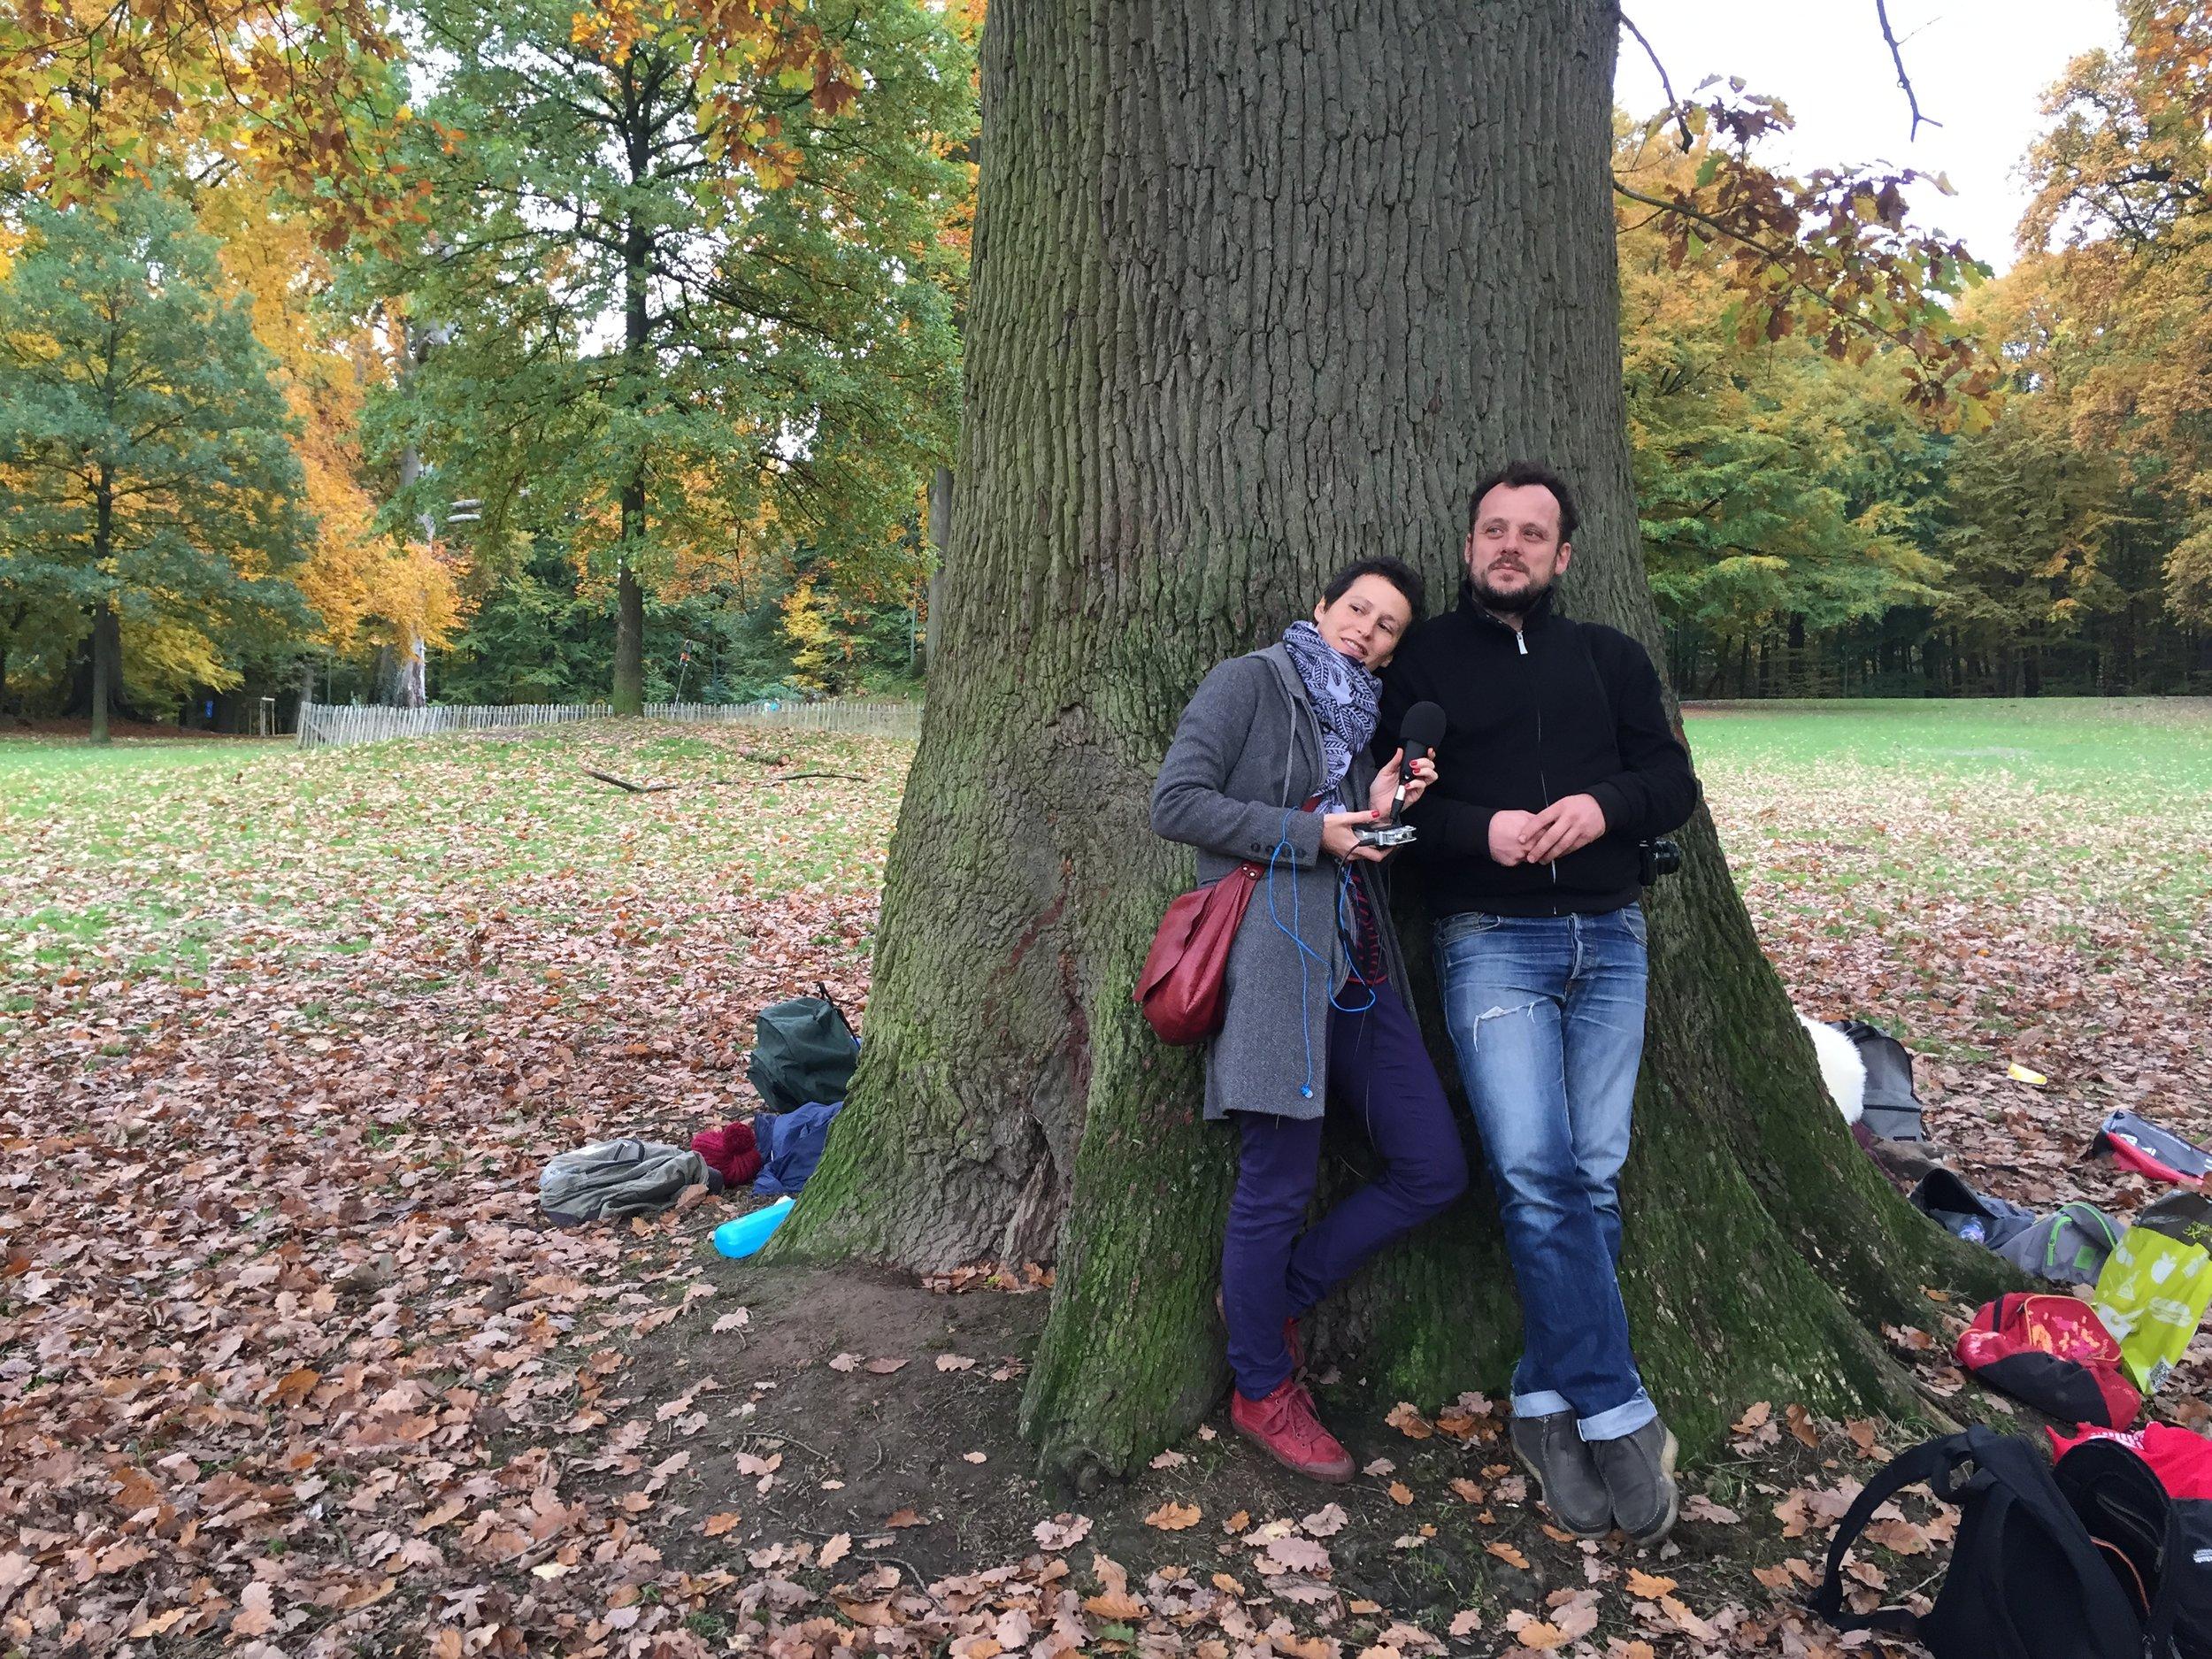 Aurélie, Pierre et l'arbre (c) Ecaterina Vidick.JPG